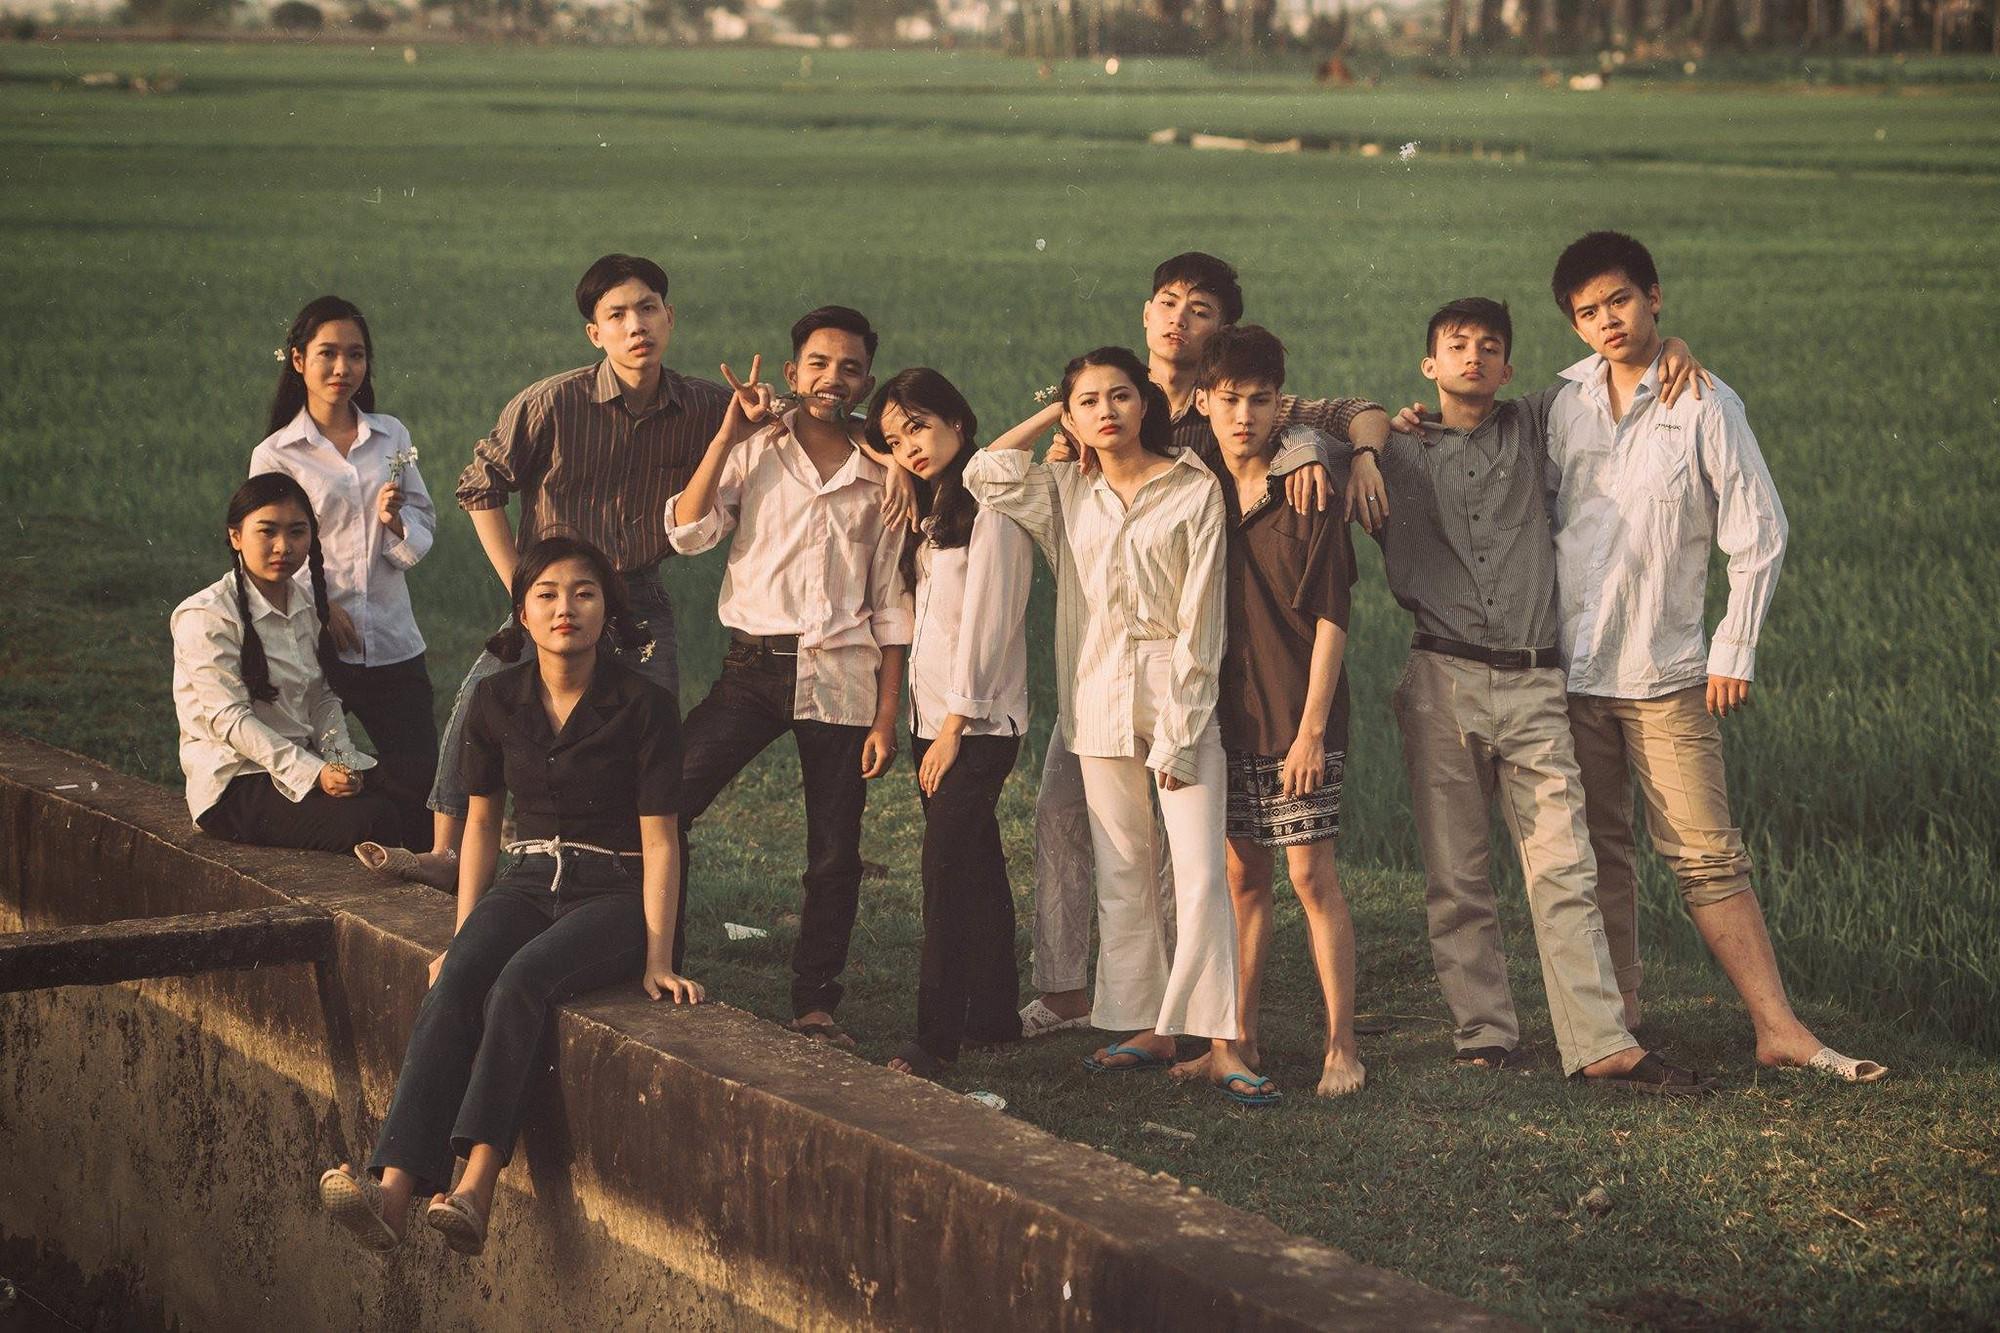 Xem kỷ yếu của nhóm học sinh Ninh Bình mà cứ ngỡ đang thưởng thức phim đi tranh giải Cánh diều vàng - Ảnh 4.